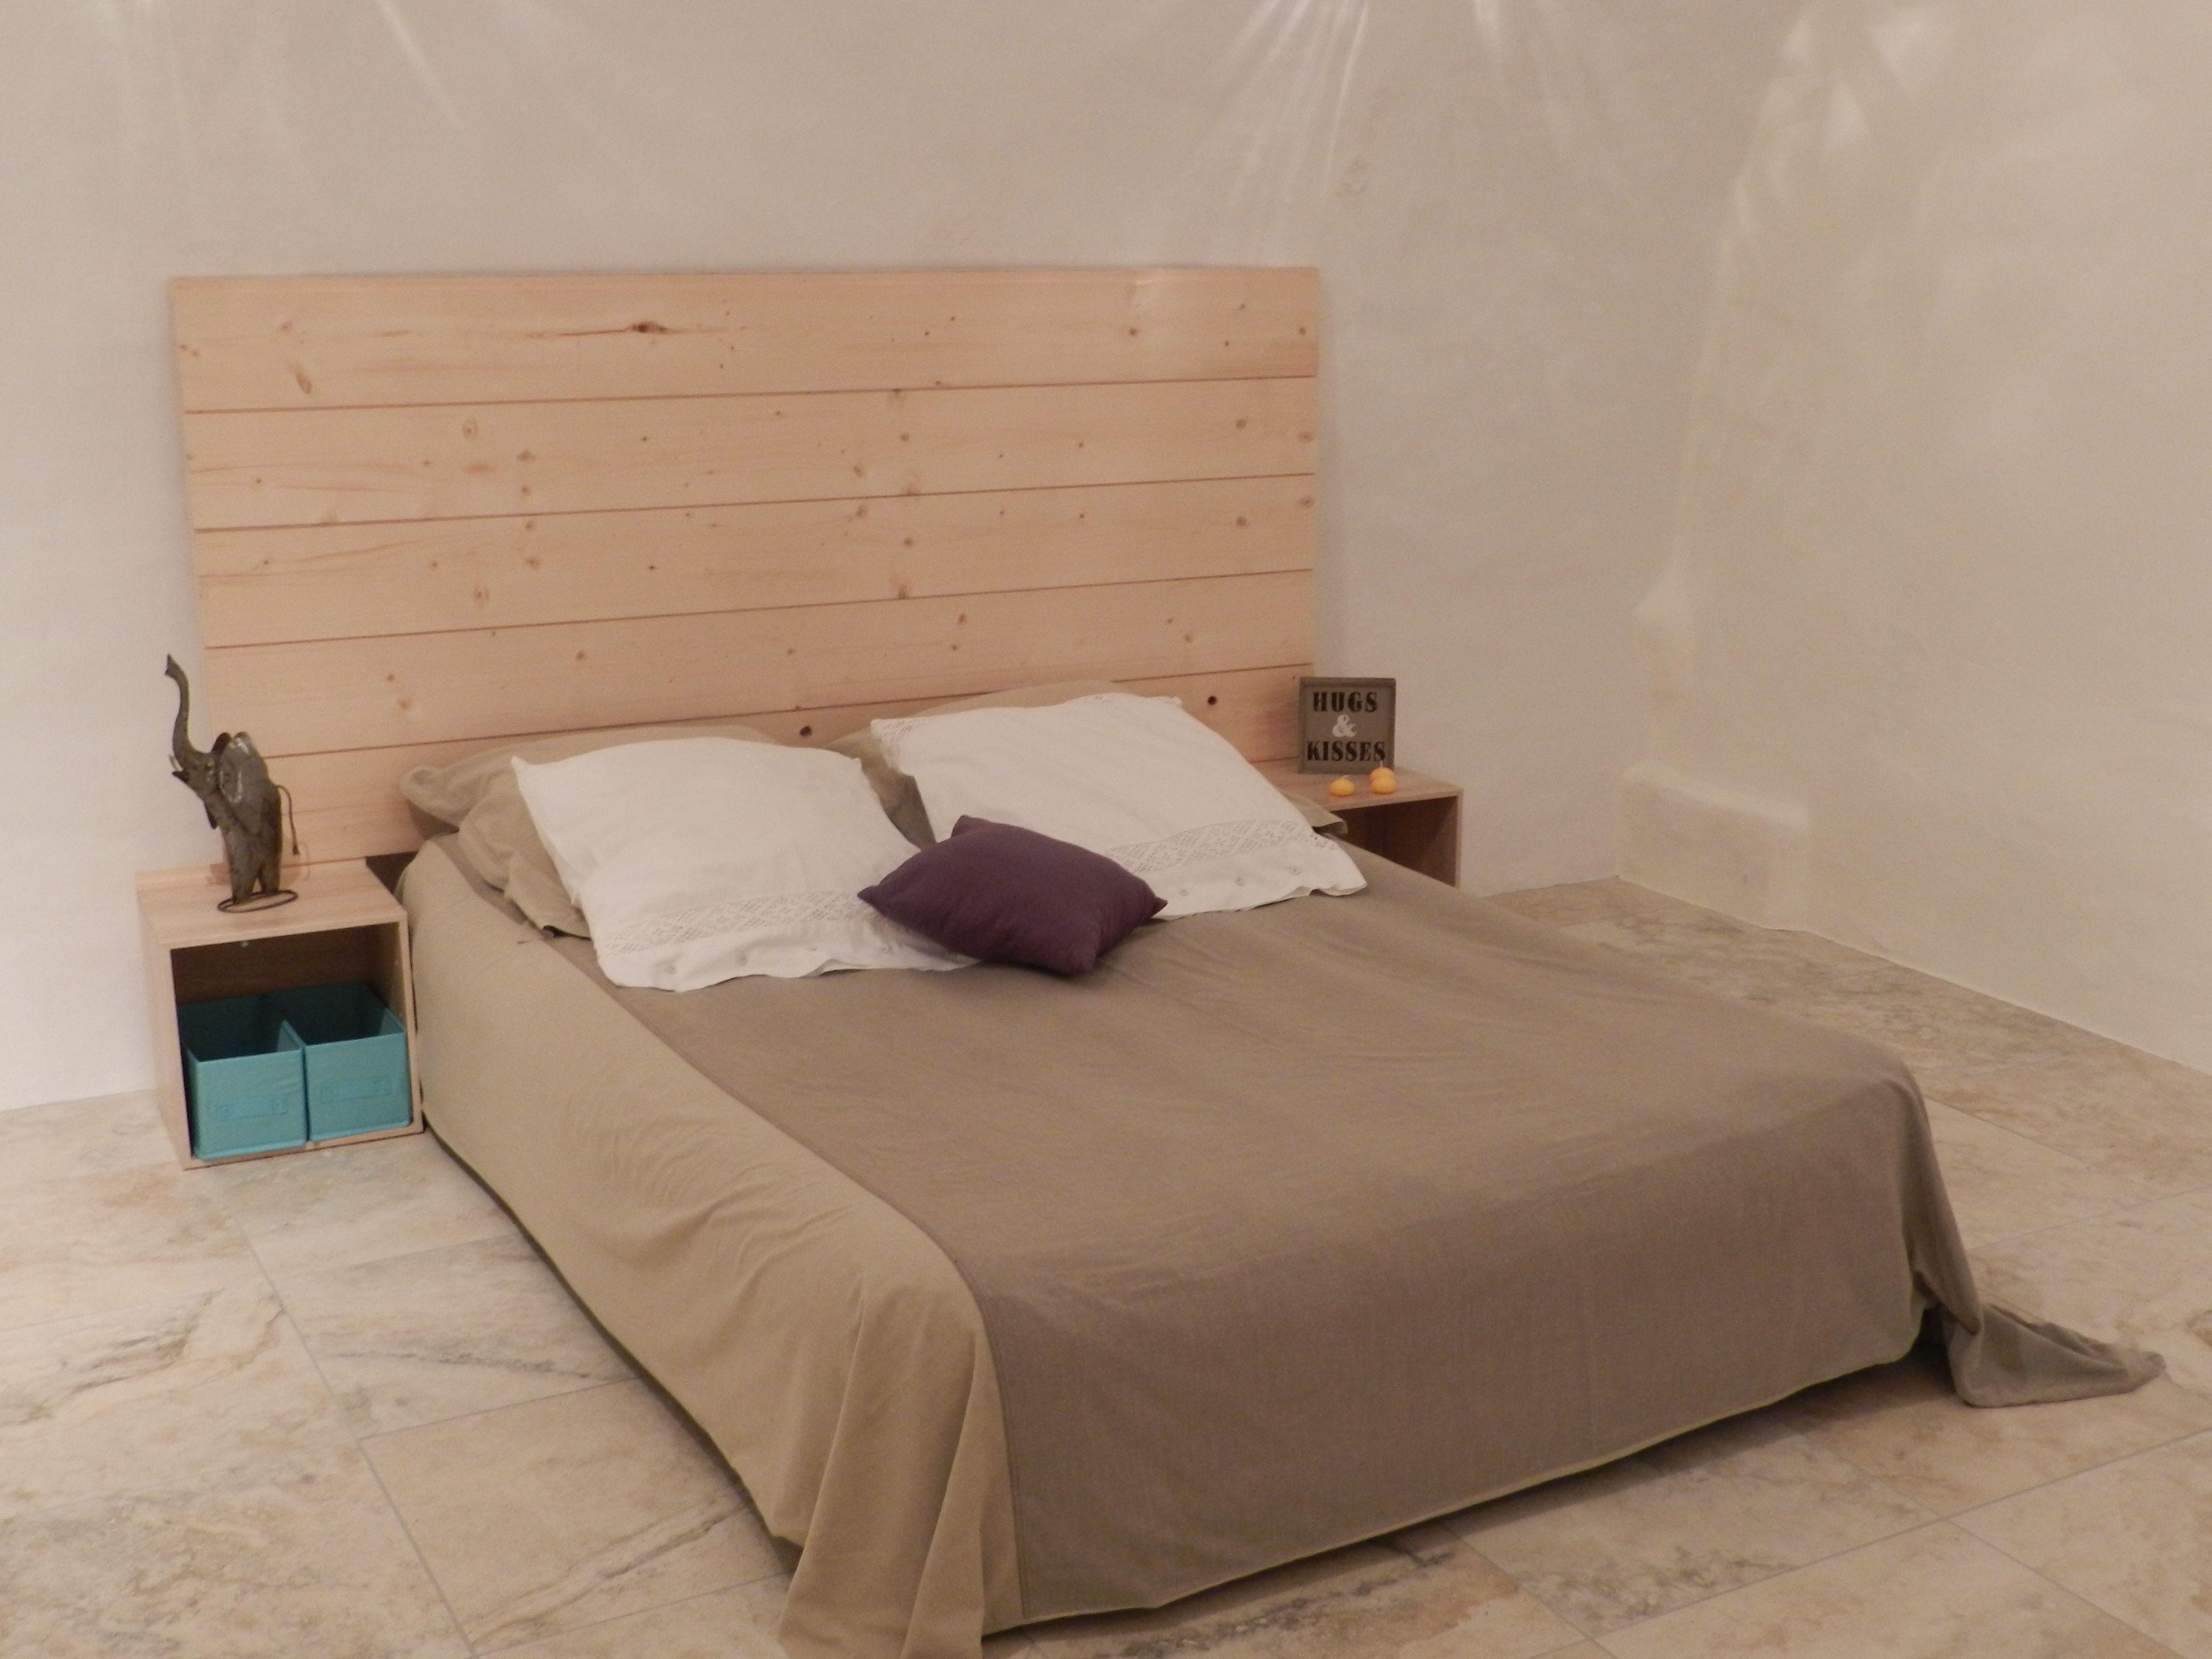 Planche Pour Tete De Lit tête de lit , lambris en sapin , idée décoration, planches